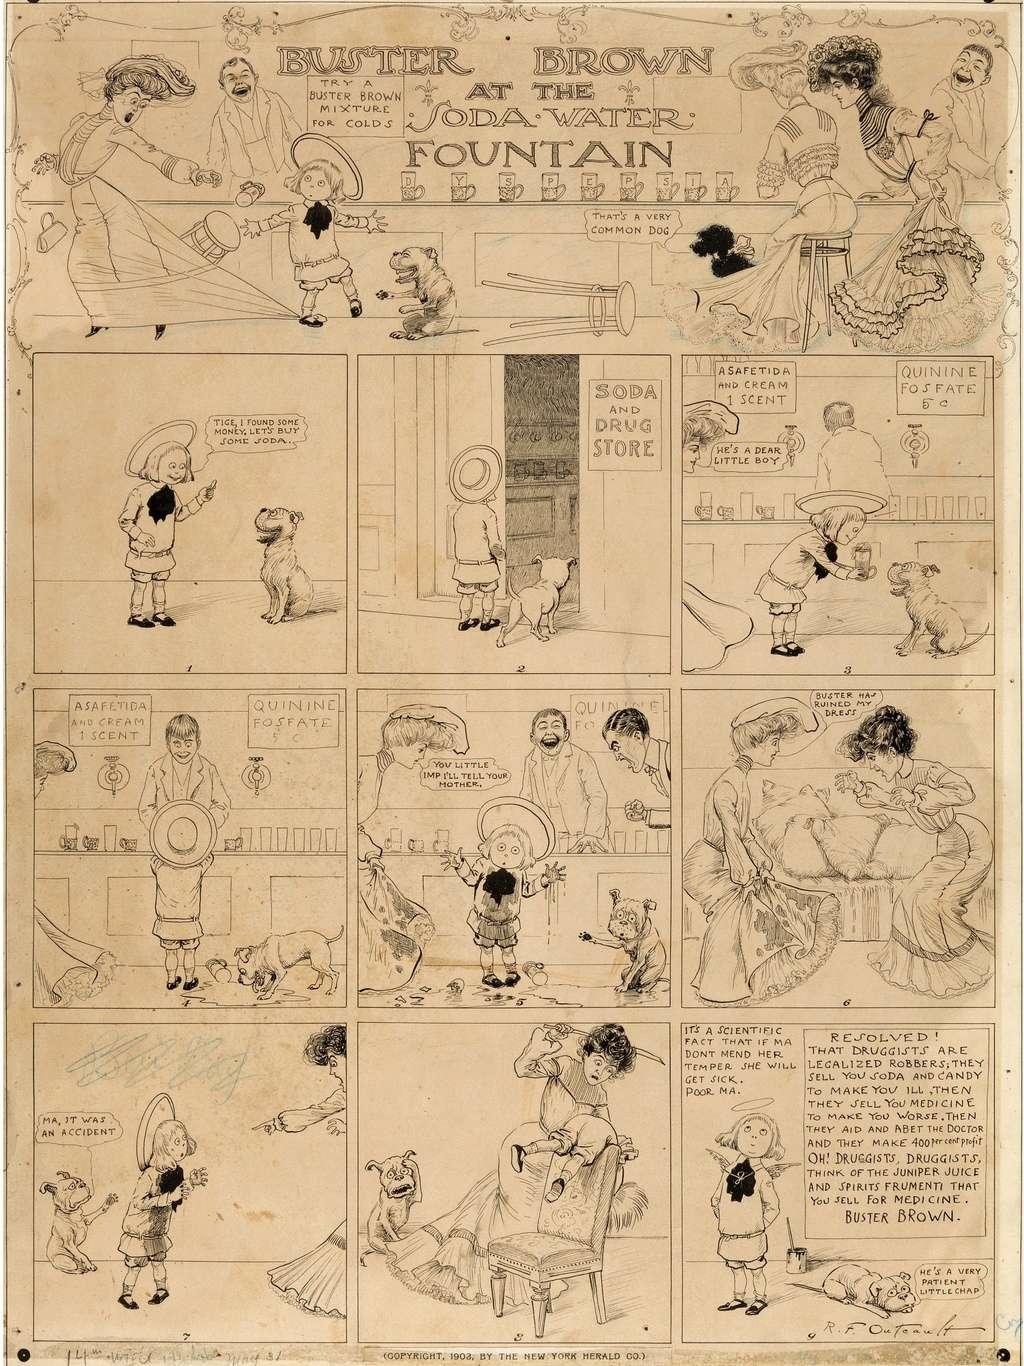 Les facéties de Buster Brown - Page 2 Outcau11